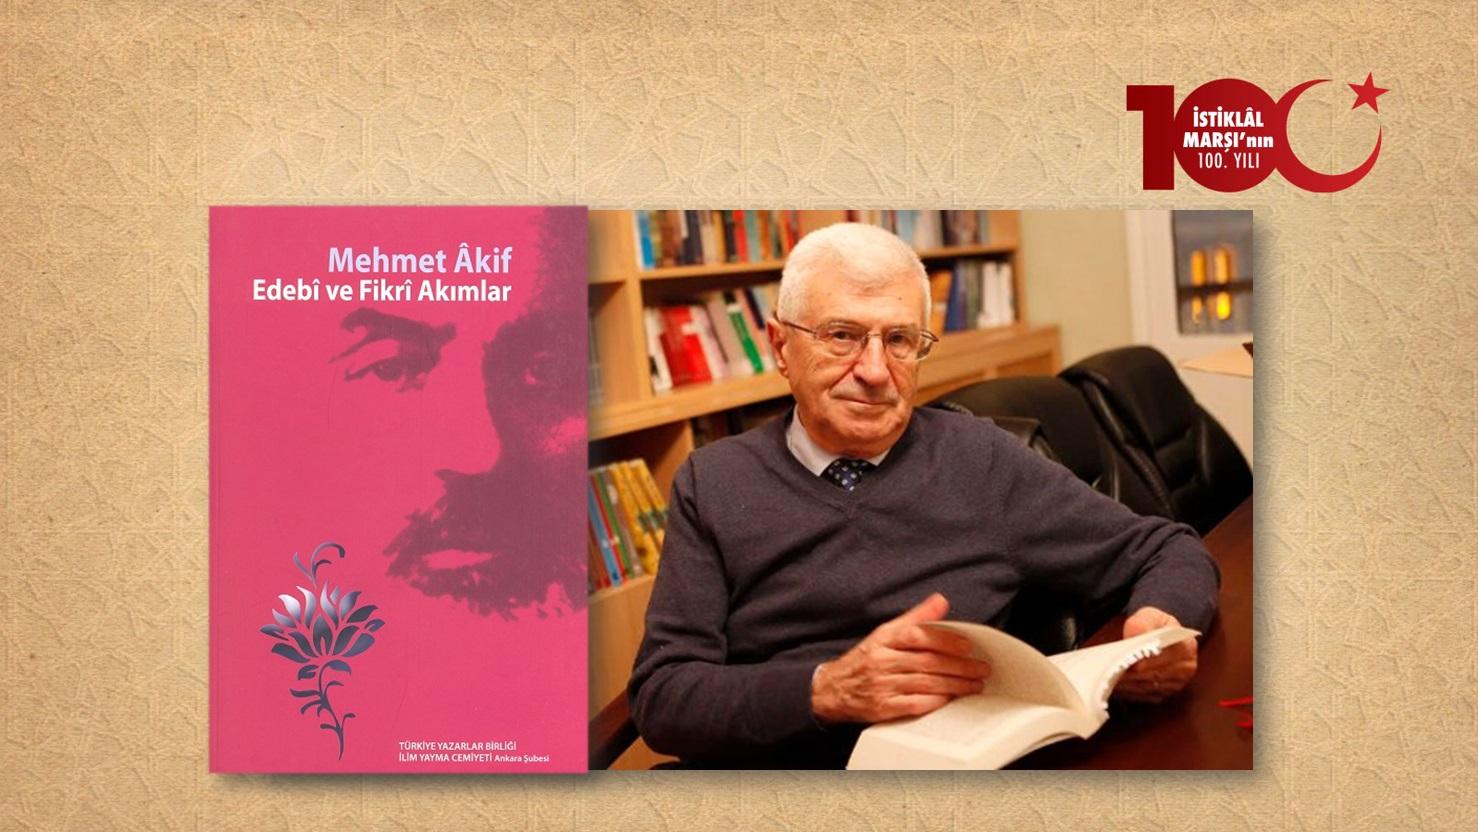 Prof. Dr. Ahmed Güner Sayar: Siyaset ve Velâyet Karşısında Mehmet Âkif Bey